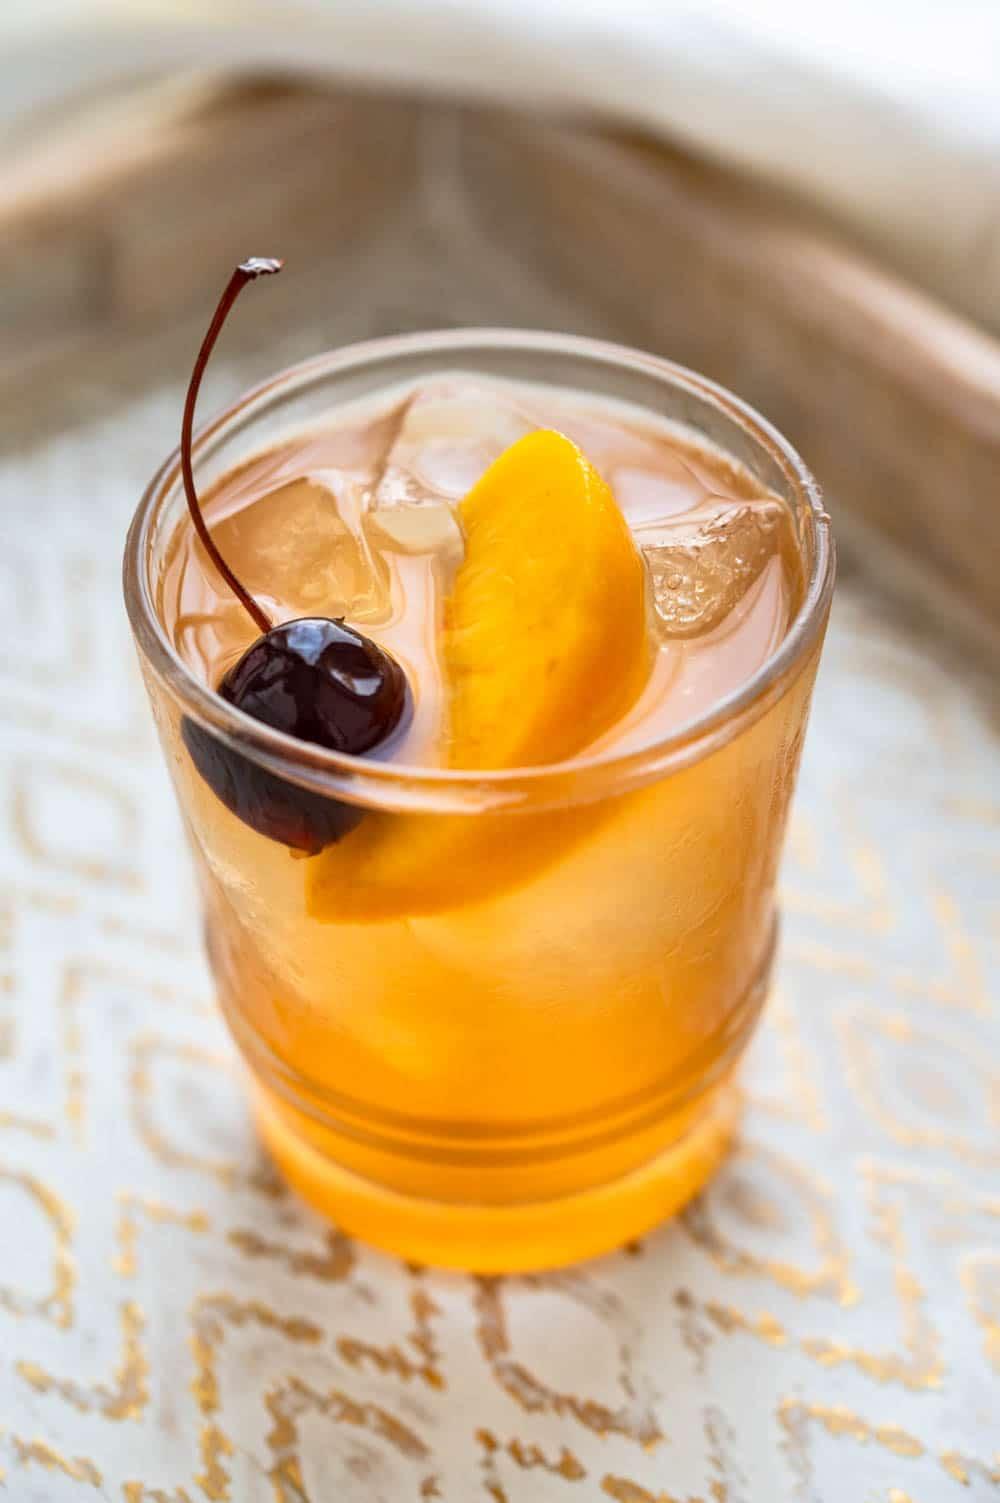 Fresh Peach Bourbon Sour in a cocktail glass.